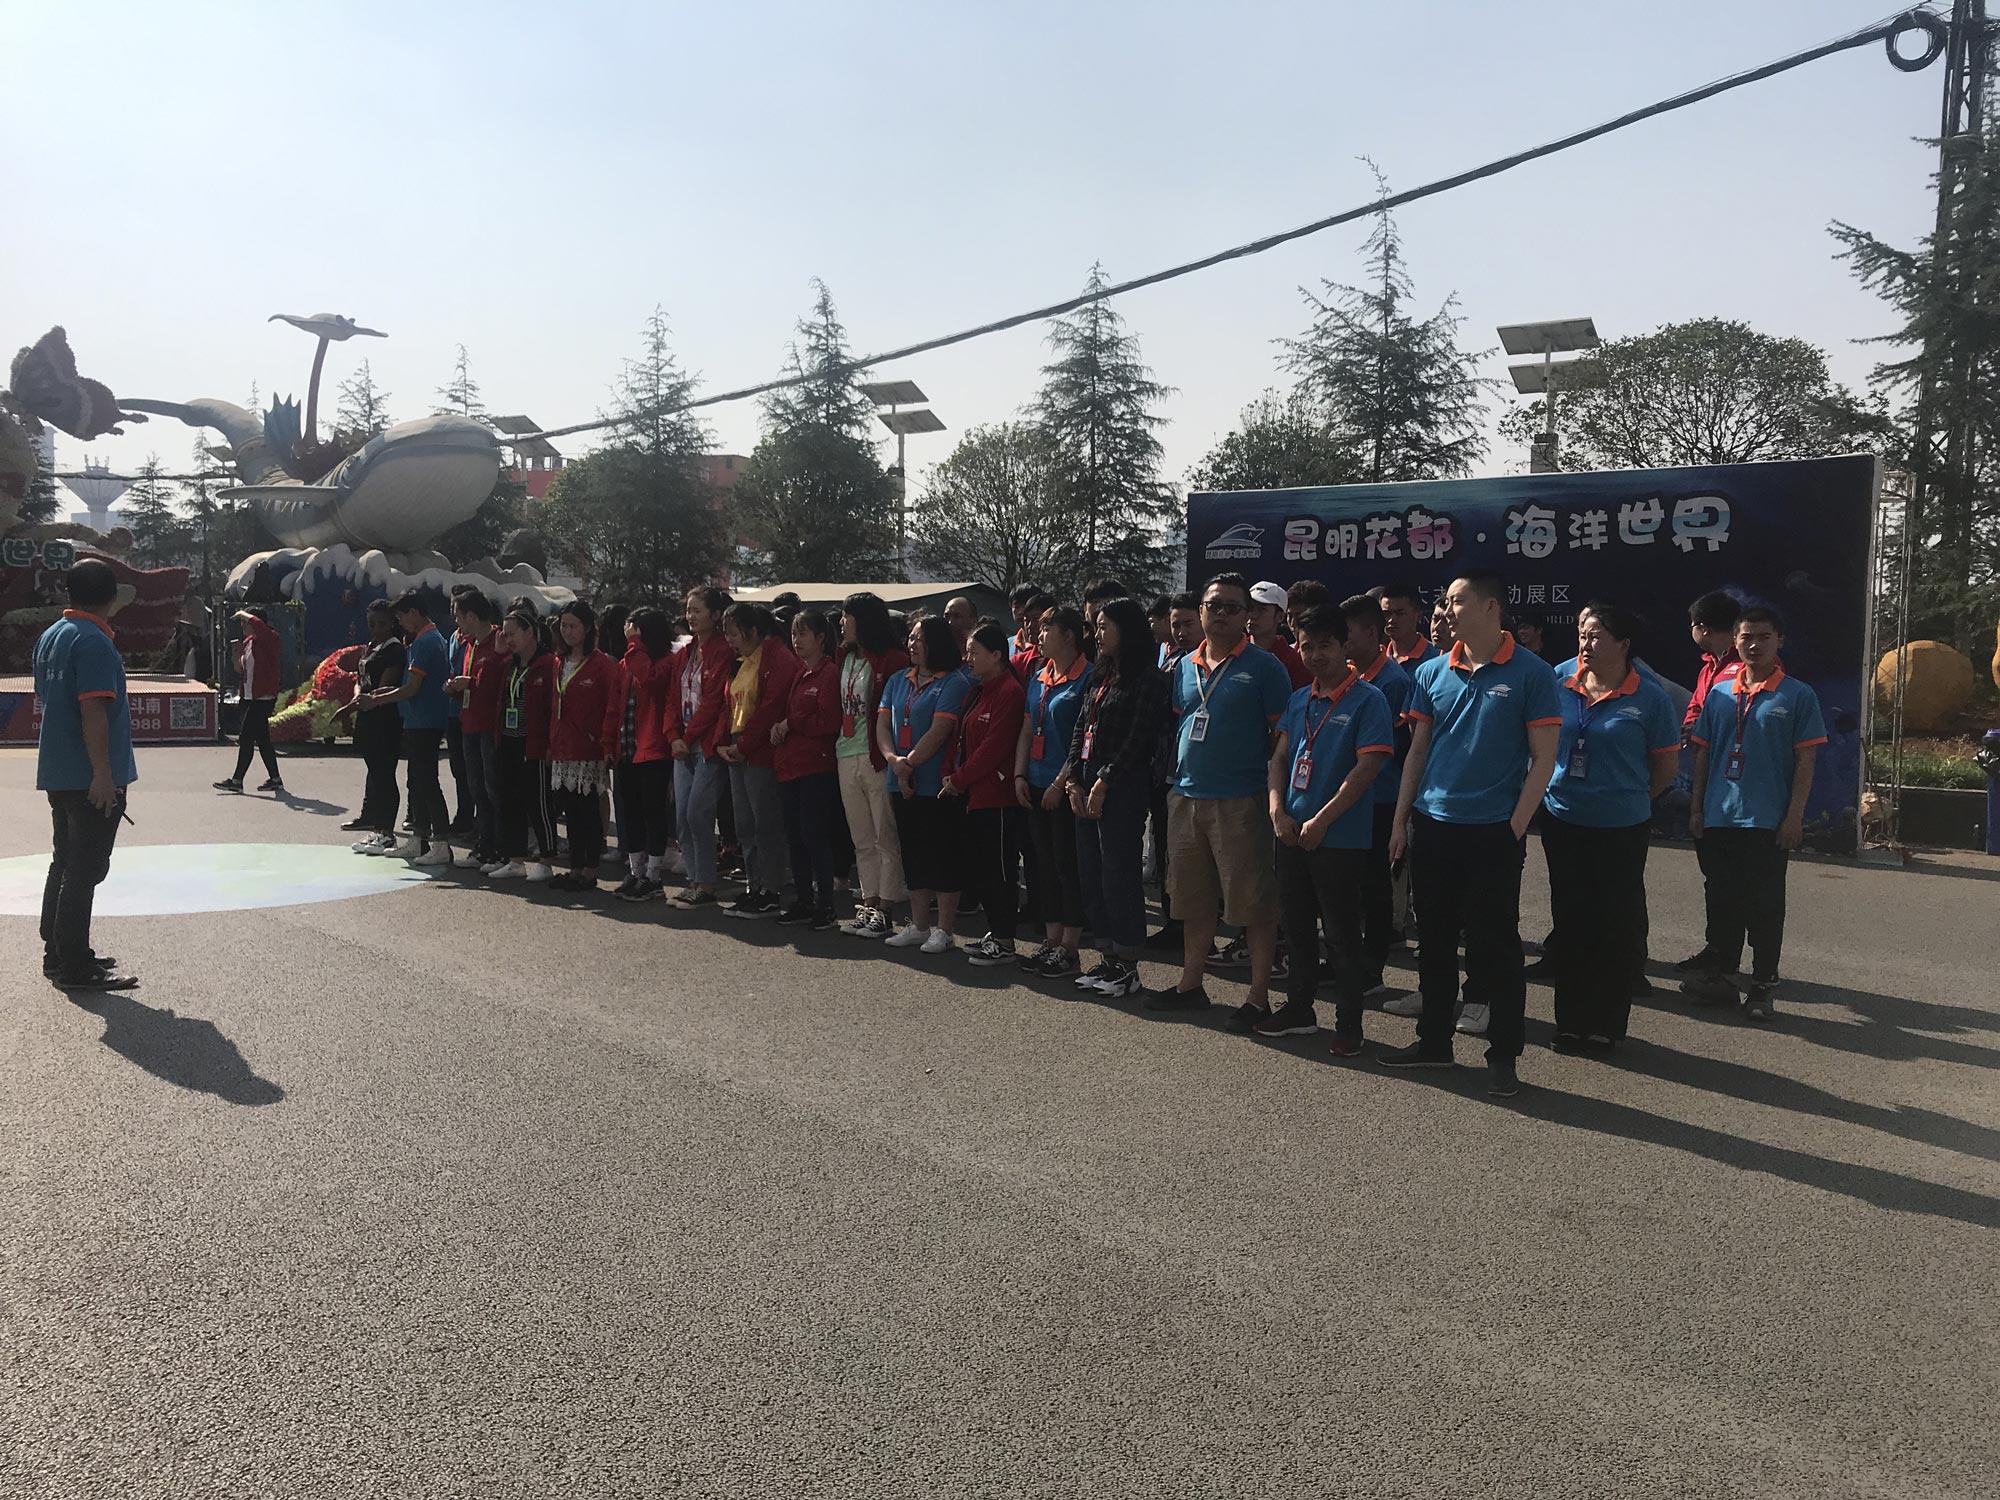 團建2-早晨清新的空氣,隨著太陽的升起,公司全體員工們早已已在外廣場集合,準備這一天的團建奮戰。